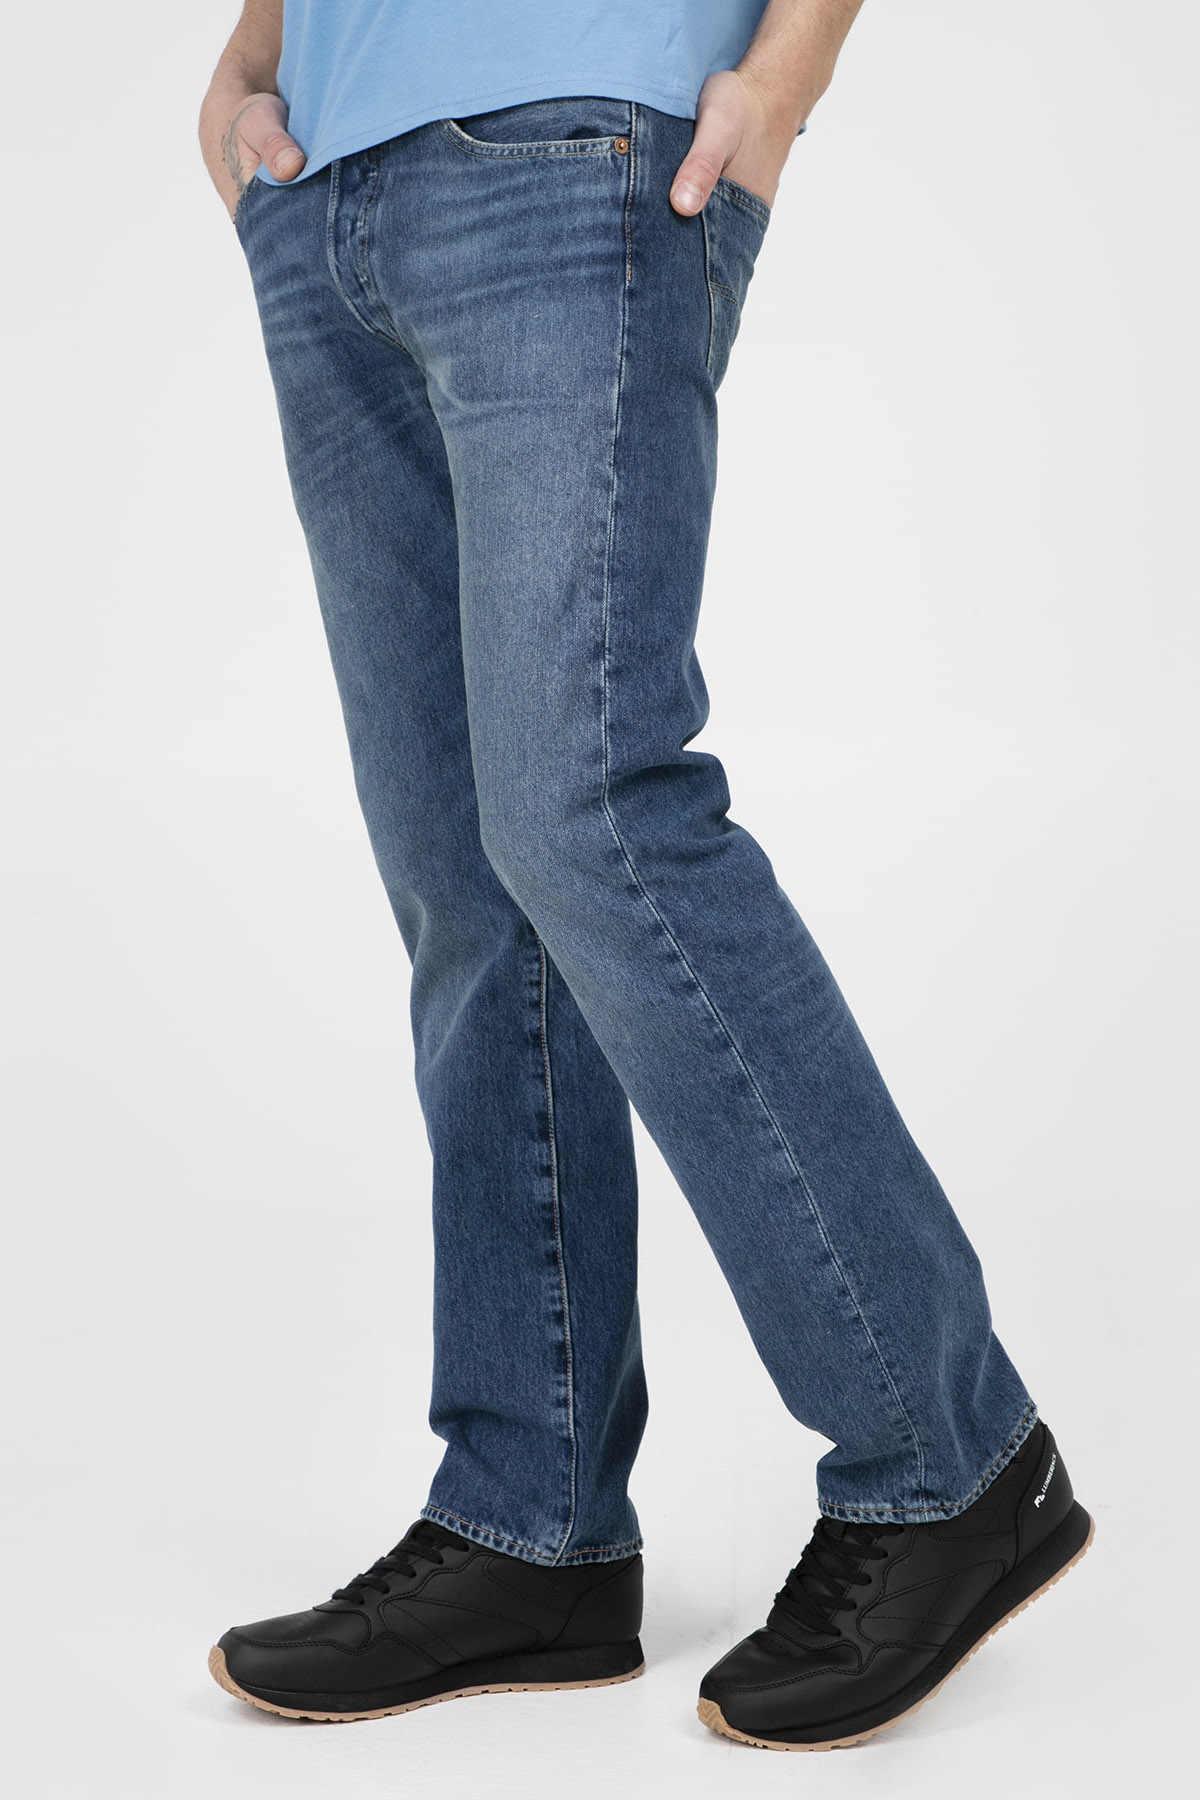 Levis 501 Jeans Pantalones Vaqueros Para Hombre 00501 Pantalones Vaqueros Aliexpress